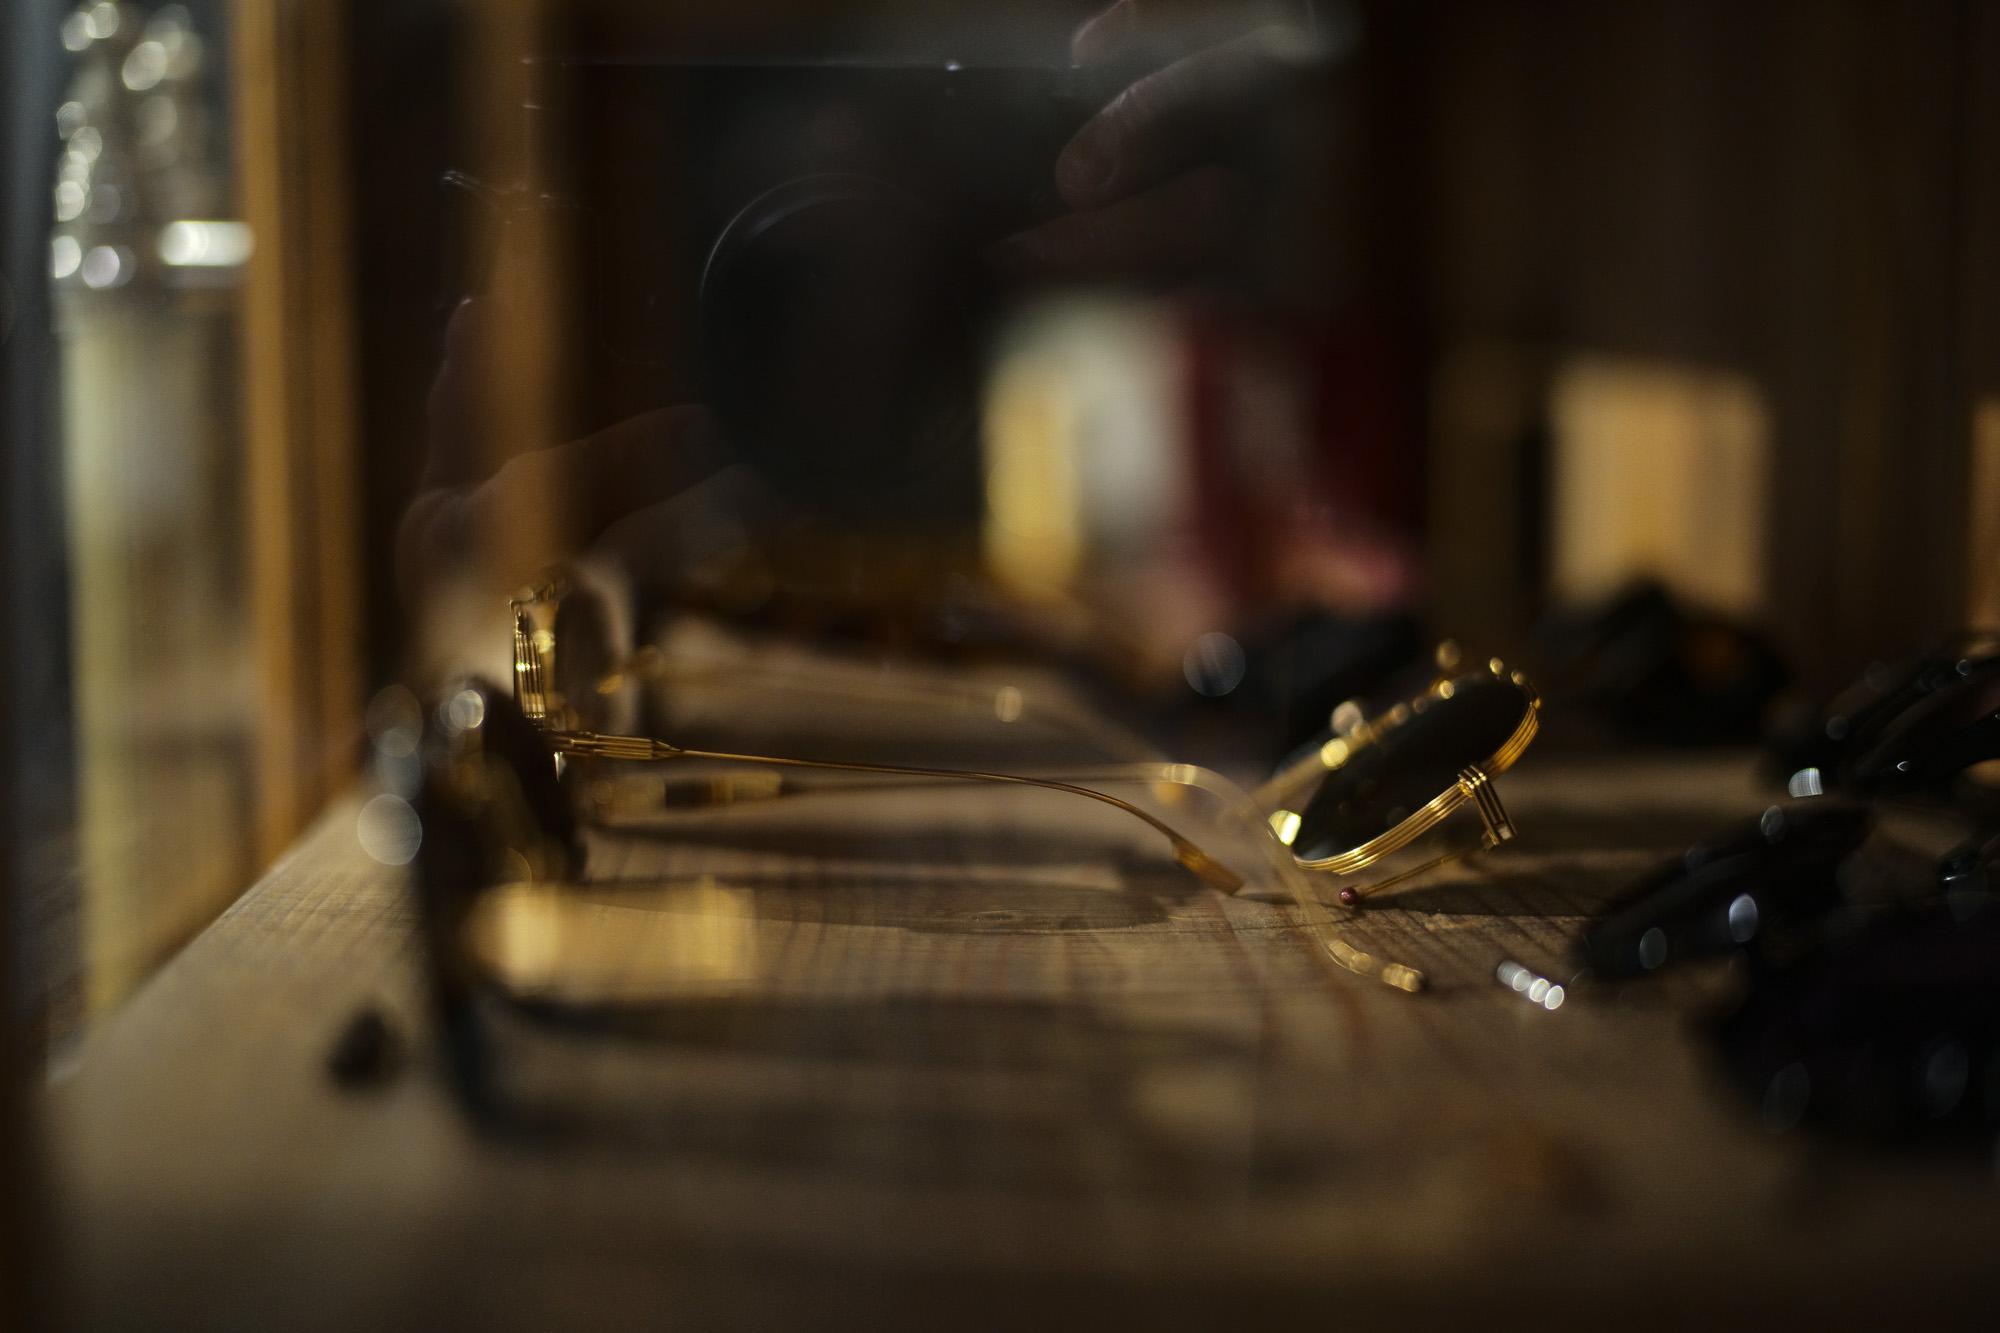 2017.7/17-7/23  ///【LEICA M10 + SUMMILUX-M F1.4/50mm ASPH】 作例 ブログ ライカM10 写真 leicam10 ライカ leica 愛知 名古屋 ズミルックス summilux ミニチュアダックス チョコ rangeroversport レンジローバースポーツ rrs ランドローバ社 midlandsquare luisvutton ミッドランドスクエア jrセントラルタワーズ 大名古屋ビルヂング 名駅 グルメアベニュー enzobonafe エンツォボナフェ コードヴァン no4 ライカtl2ローンチパーティー メロン melon thesandalman×htc サンダルマン×htc invertere インバーティア joshuaellis stazz 野菜 herno julianboots pt01 tailorglyph テイラーグリフ jandmdavidson ジェイアンドエムデヴィッドソン whitesboots jacquesmariemage jedsilversmith dressshoes enzobonafe